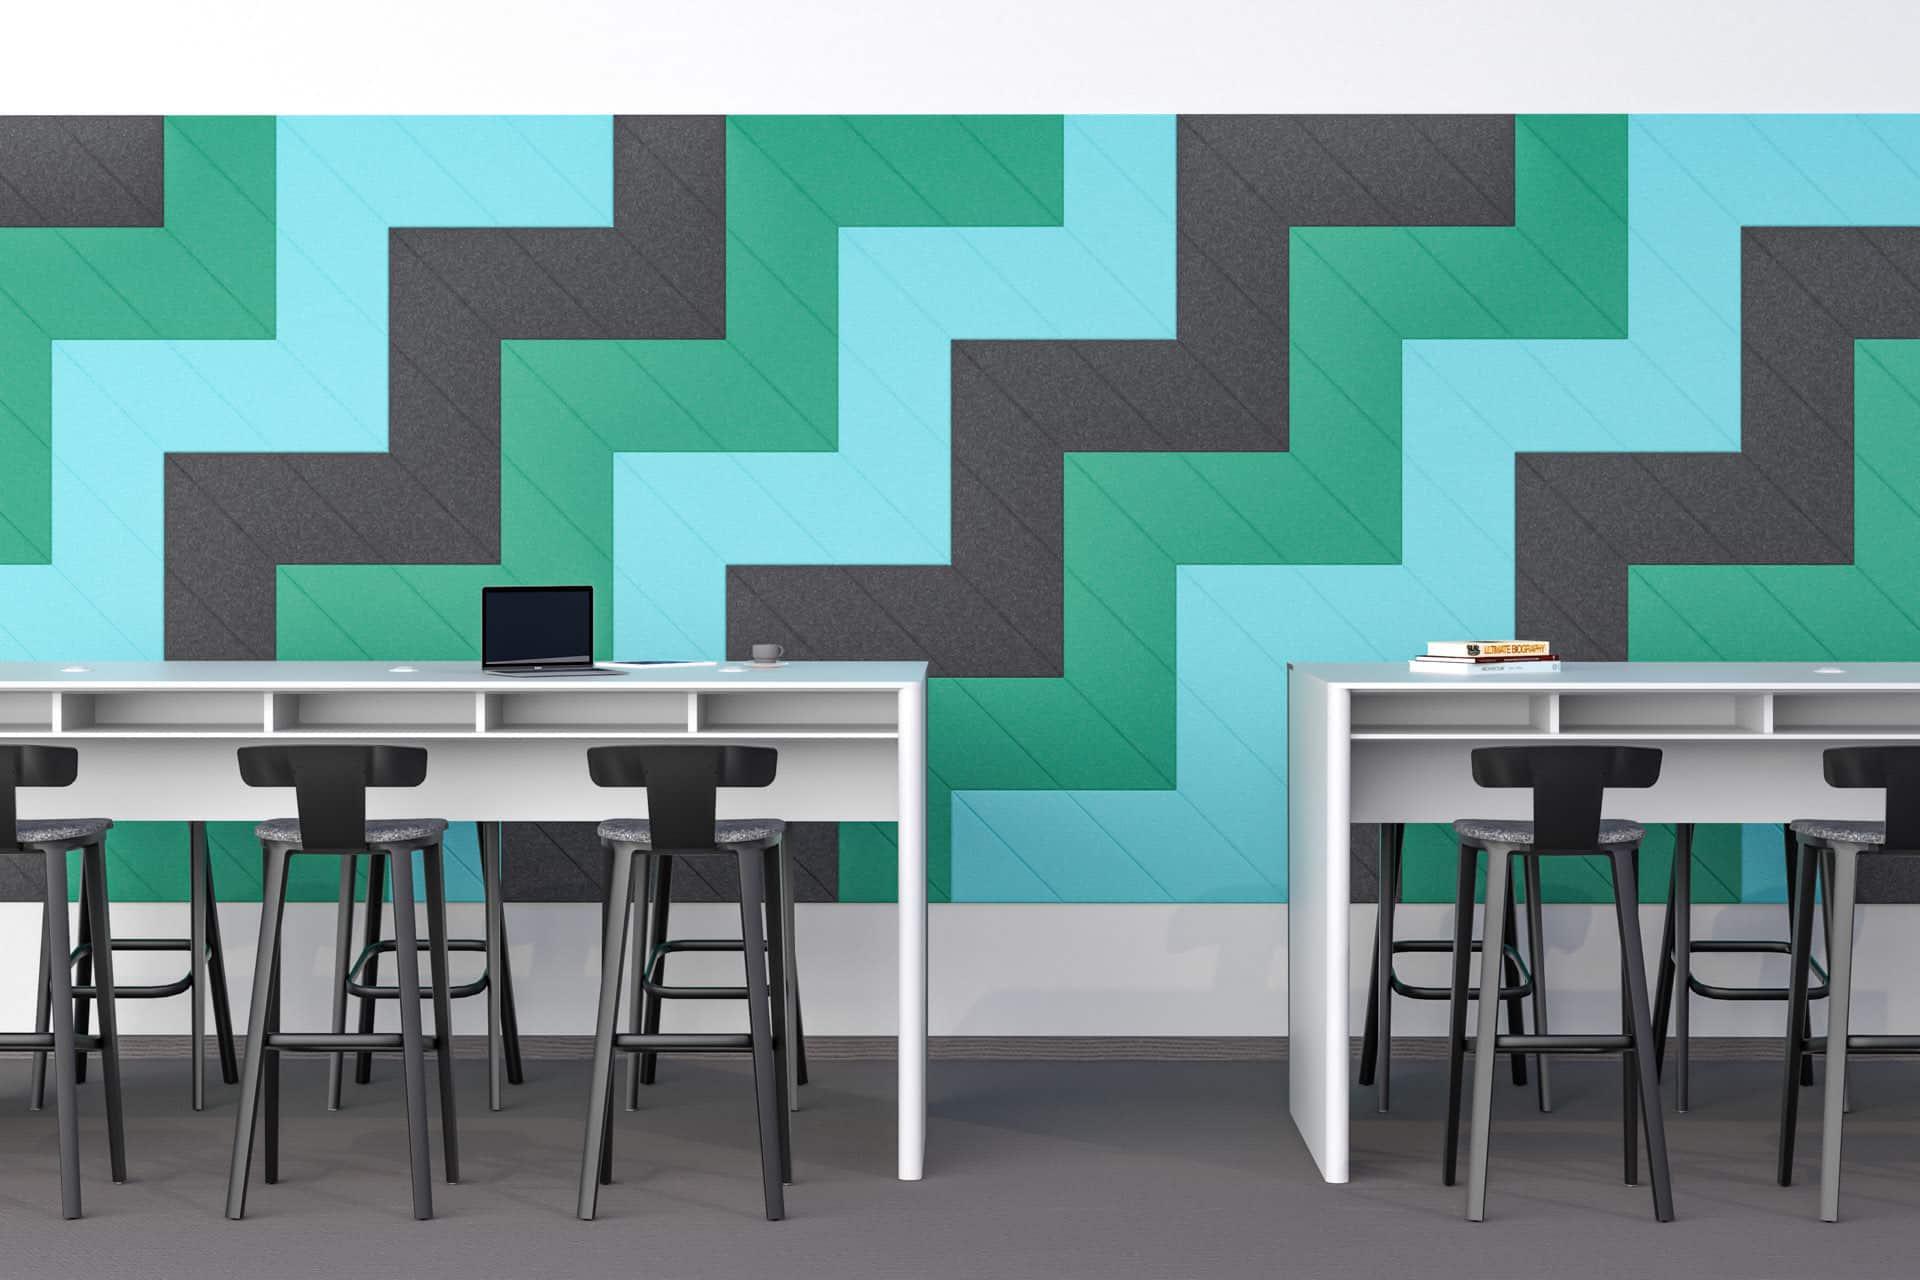 Panele dekoracyjne dźwiękochłonne w kształcie rombów na ścianie w przestrzeni biurowej